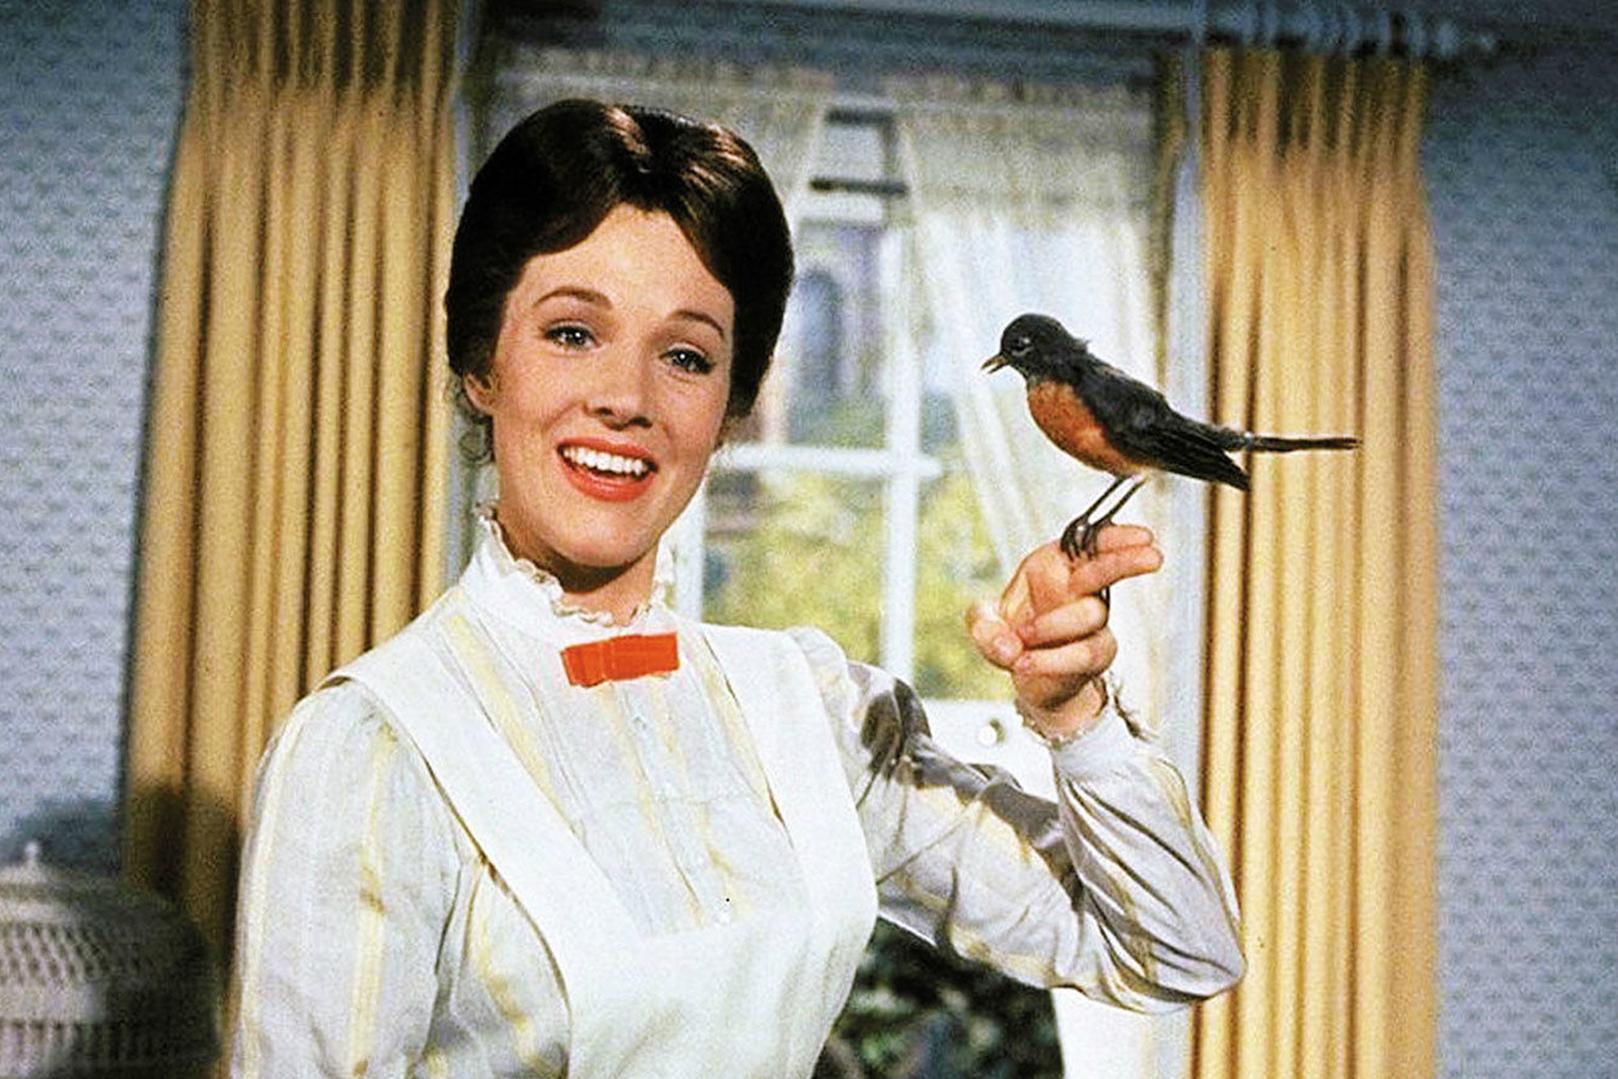 L'éternelle Mary Poppins prête sa voix pour jouer la mystérieuse Lady Whistledown